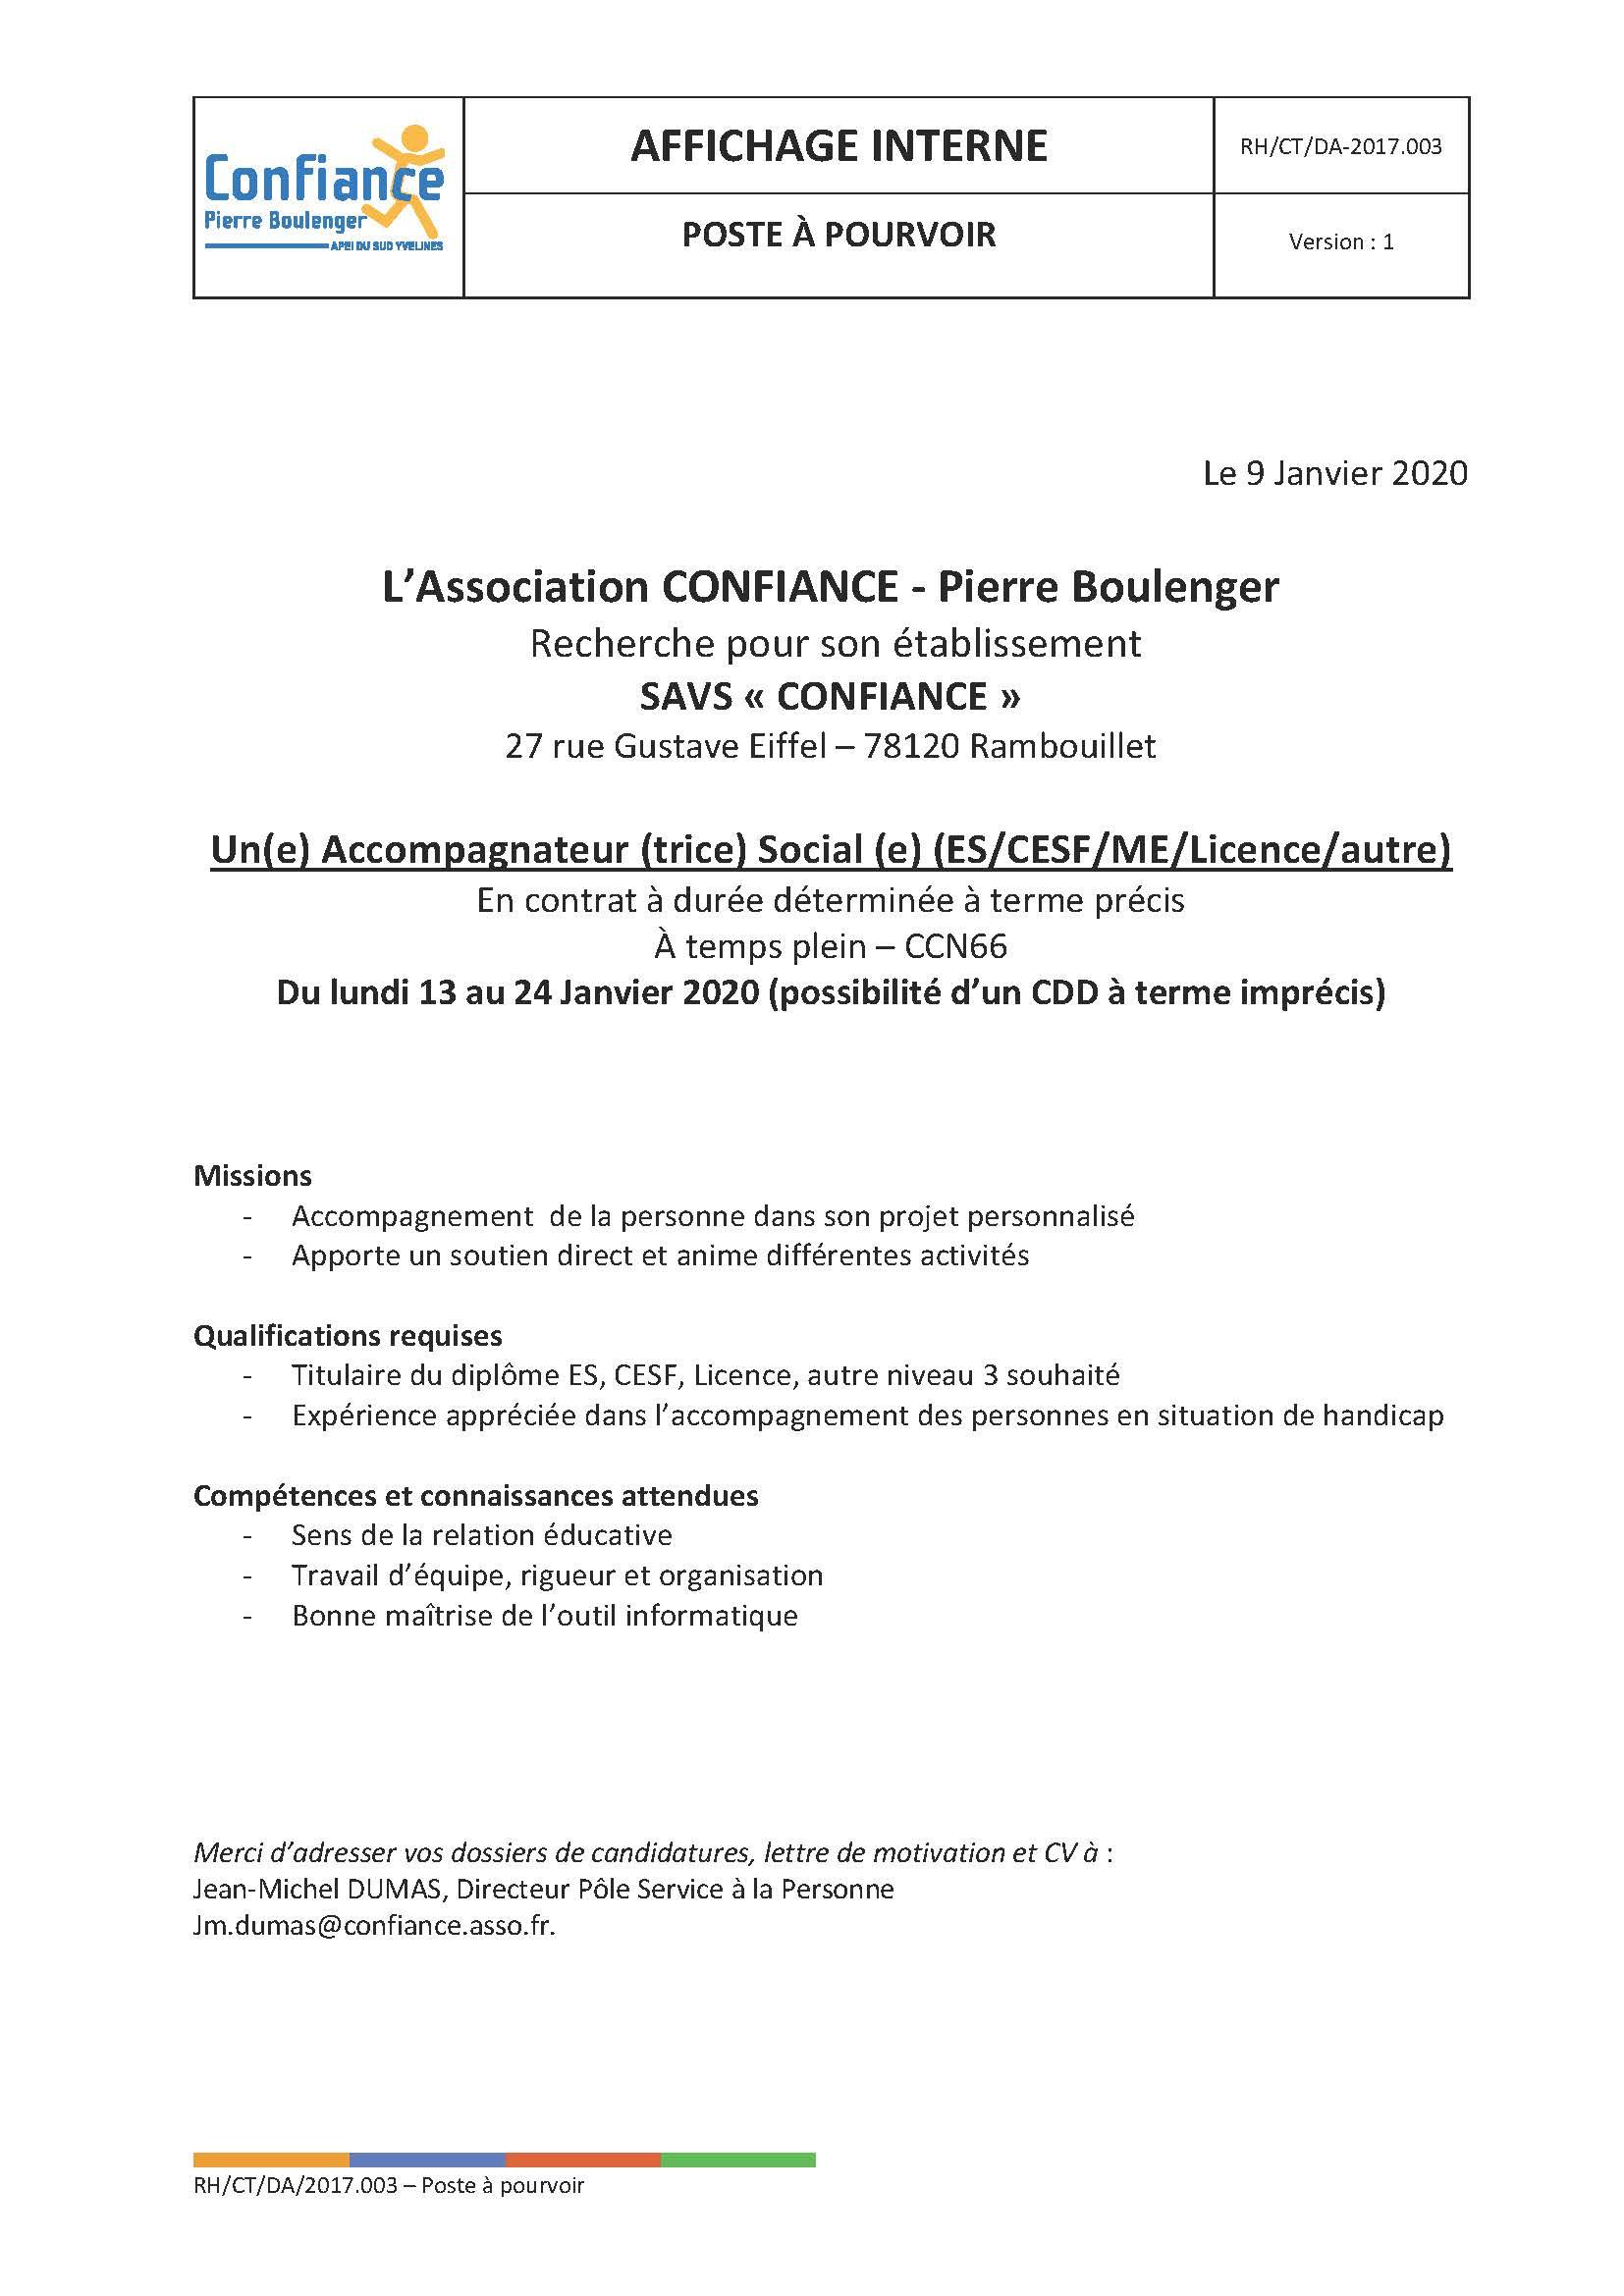 2020-01-13 Pôle Services - Accompagnateur social - ES-CESF